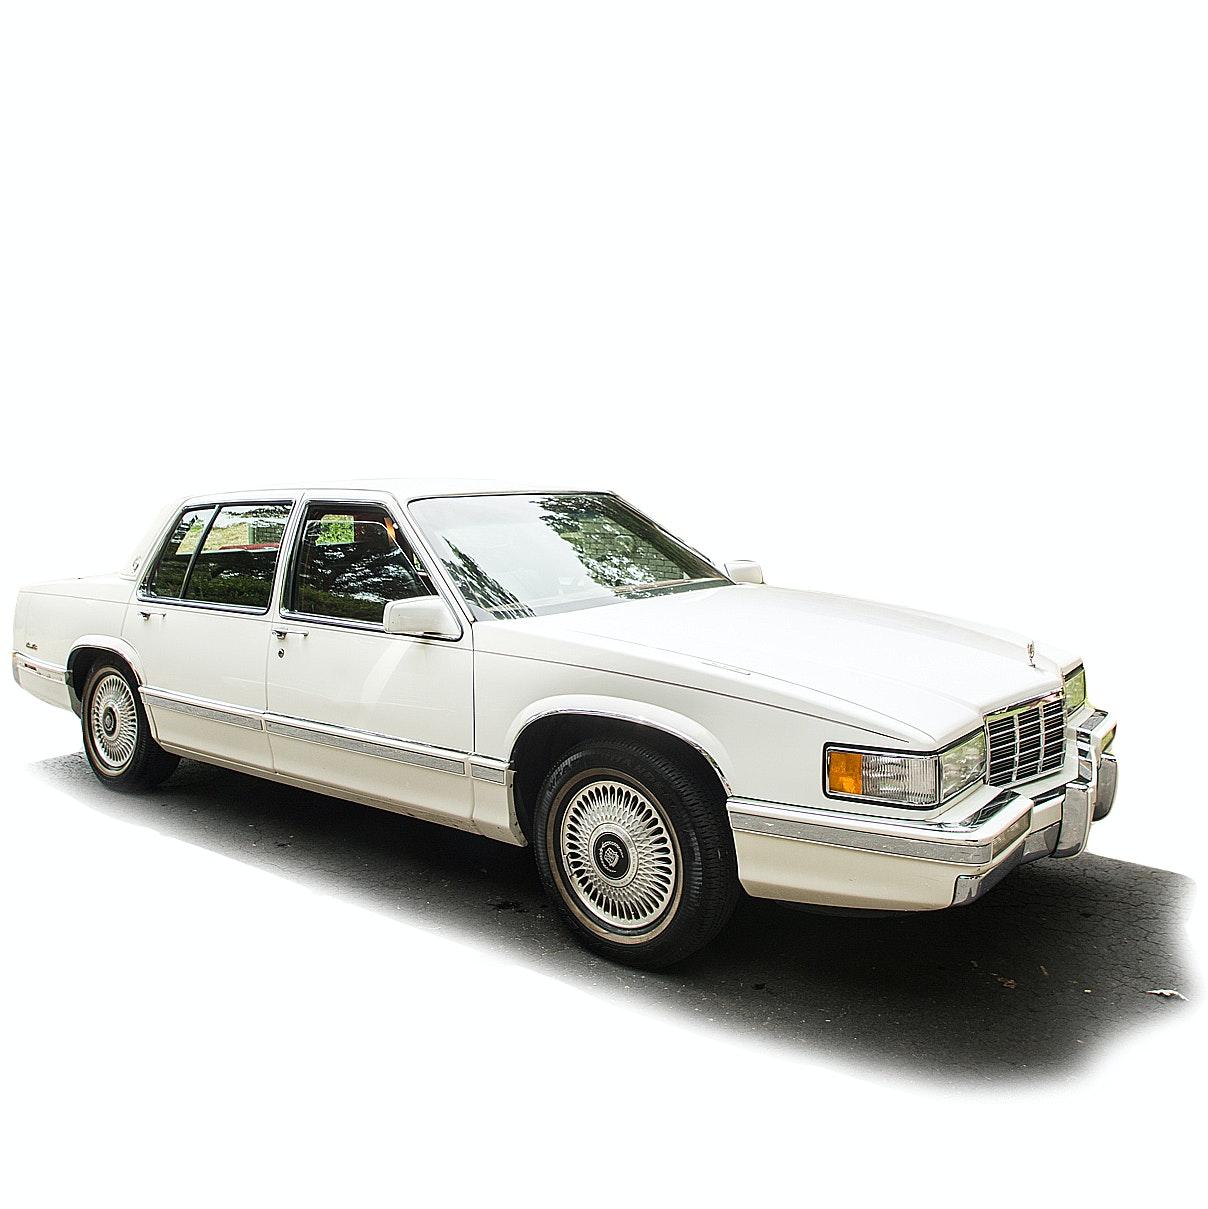 1992 Cadillac Sedan de Ville